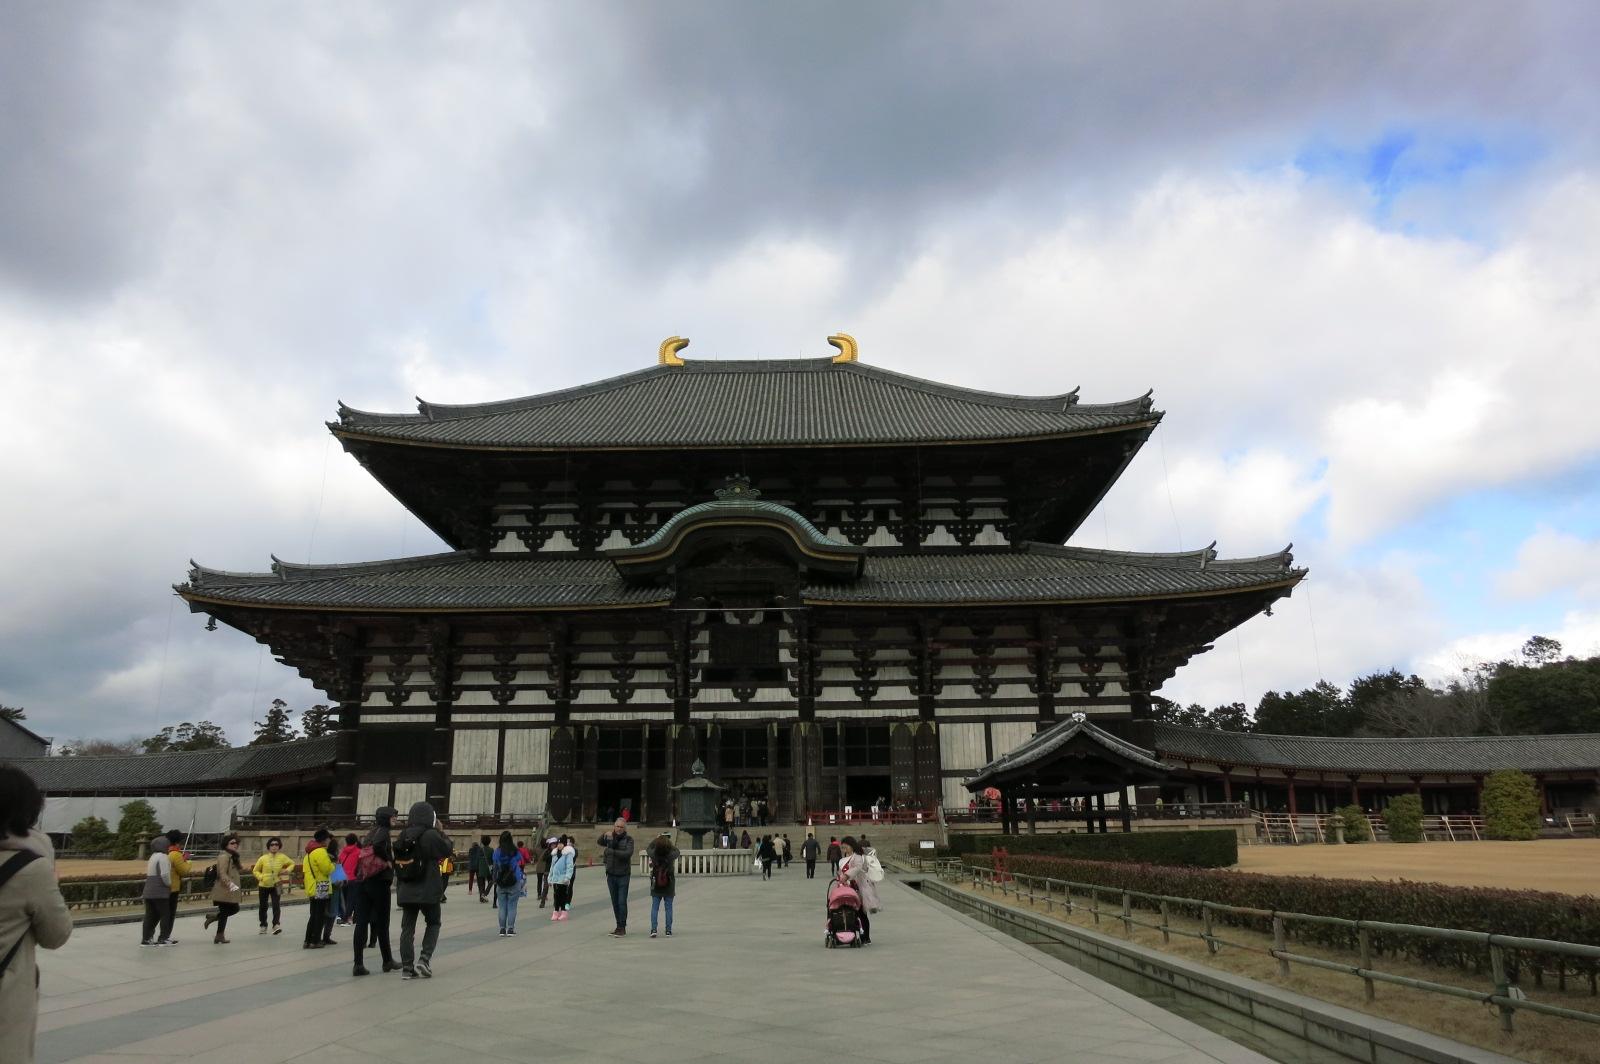 大仏殿に到着です。